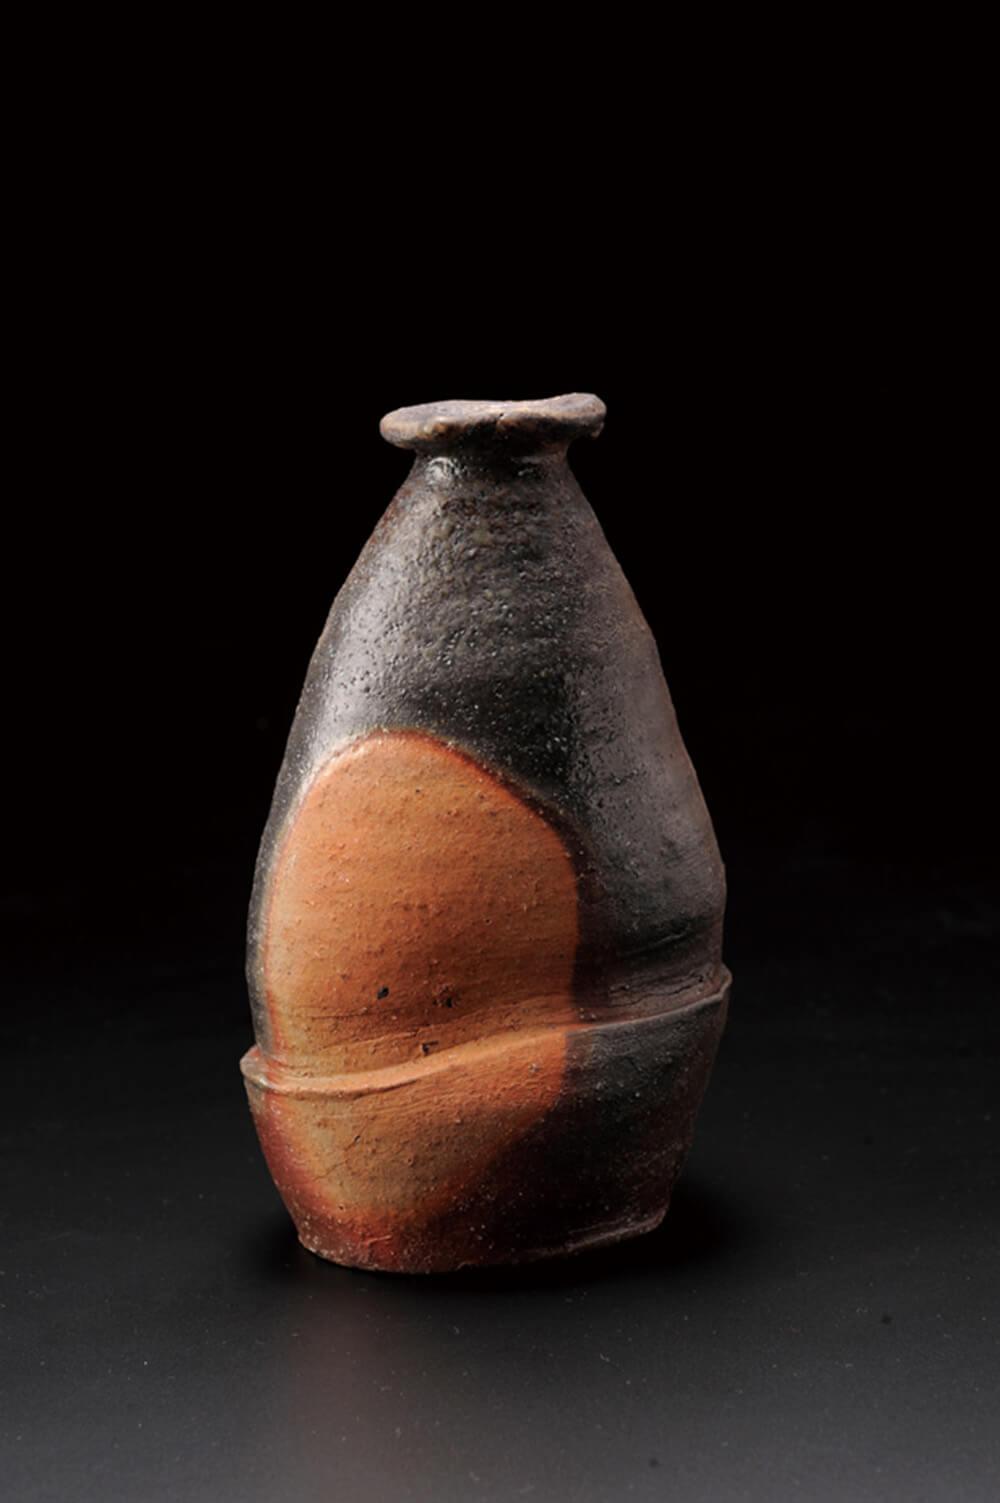 2011年4月8日から開催の「陶酔の友縁 金重 愫 近藤 精宏 展」の作品画像5